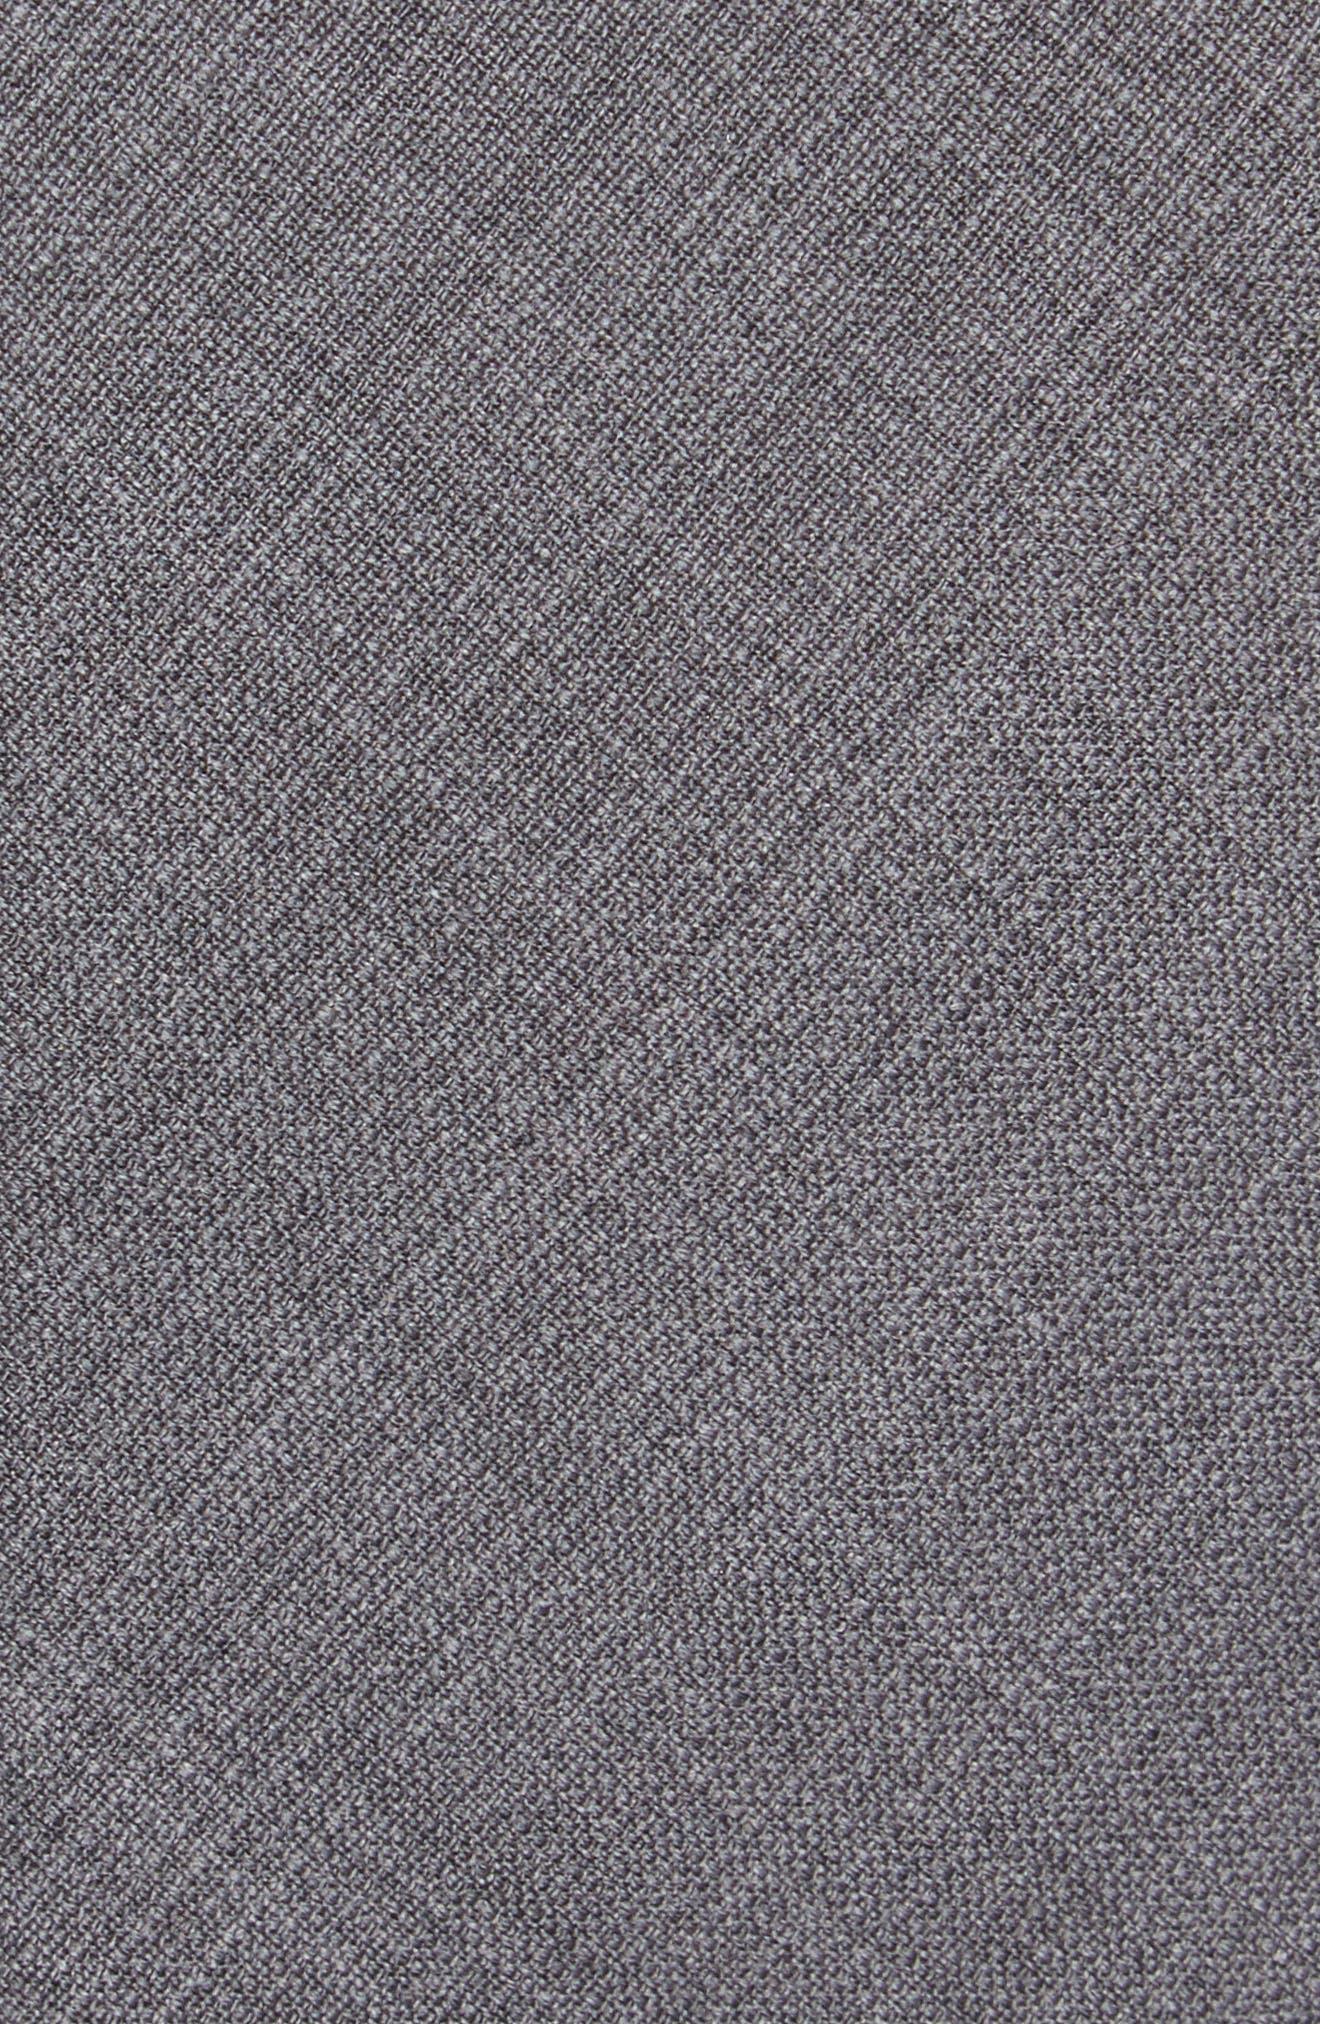 Solid Wool Skinny Tie,                             Alternate thumbnail 2, color,                             Grey